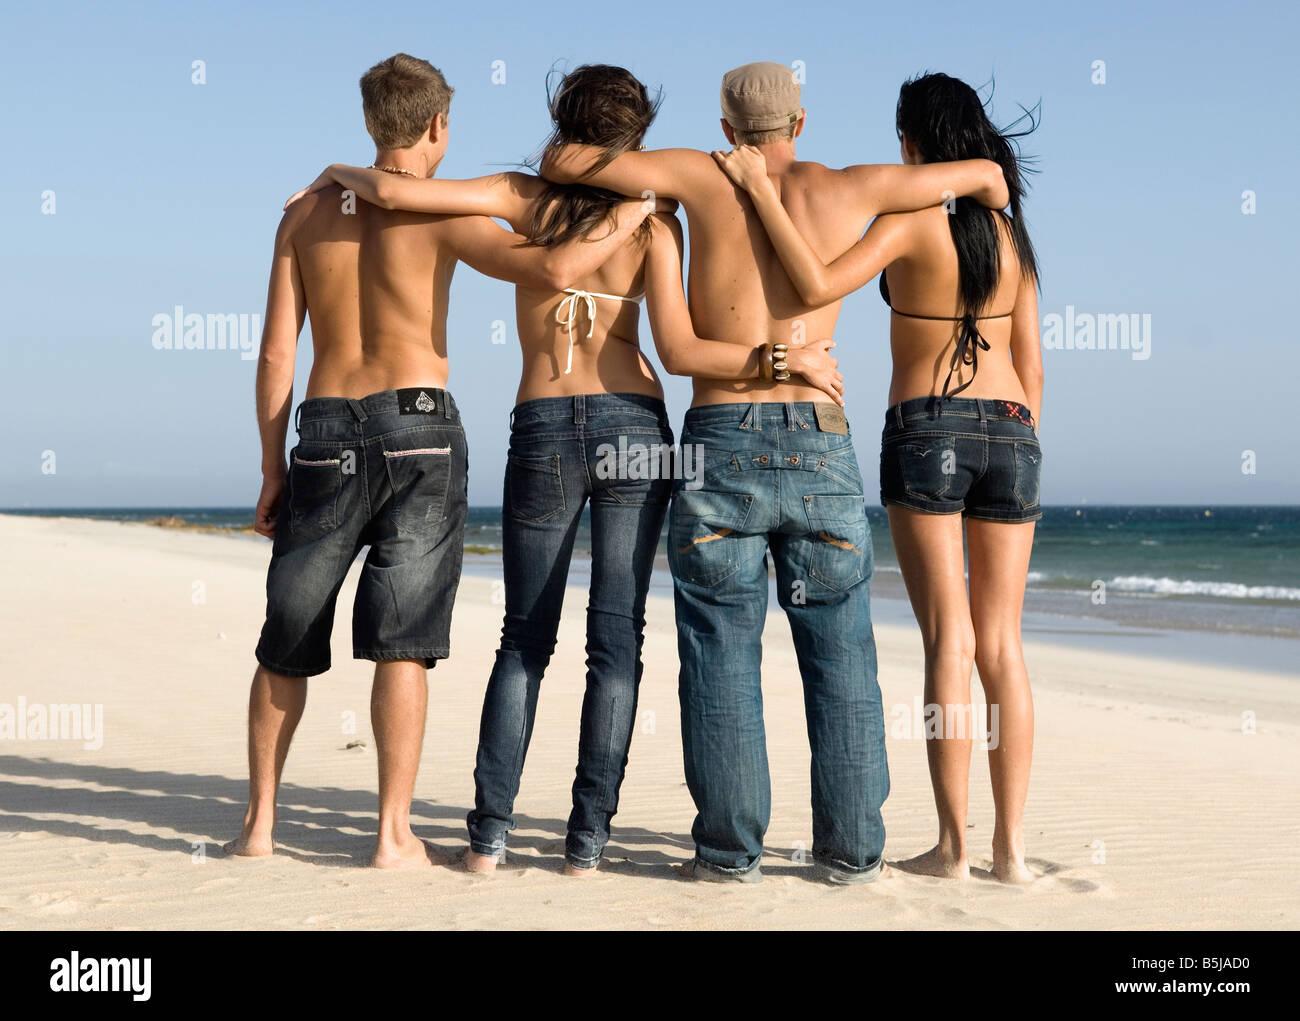 Cuatro jóvenes amigos Imagen De Stock